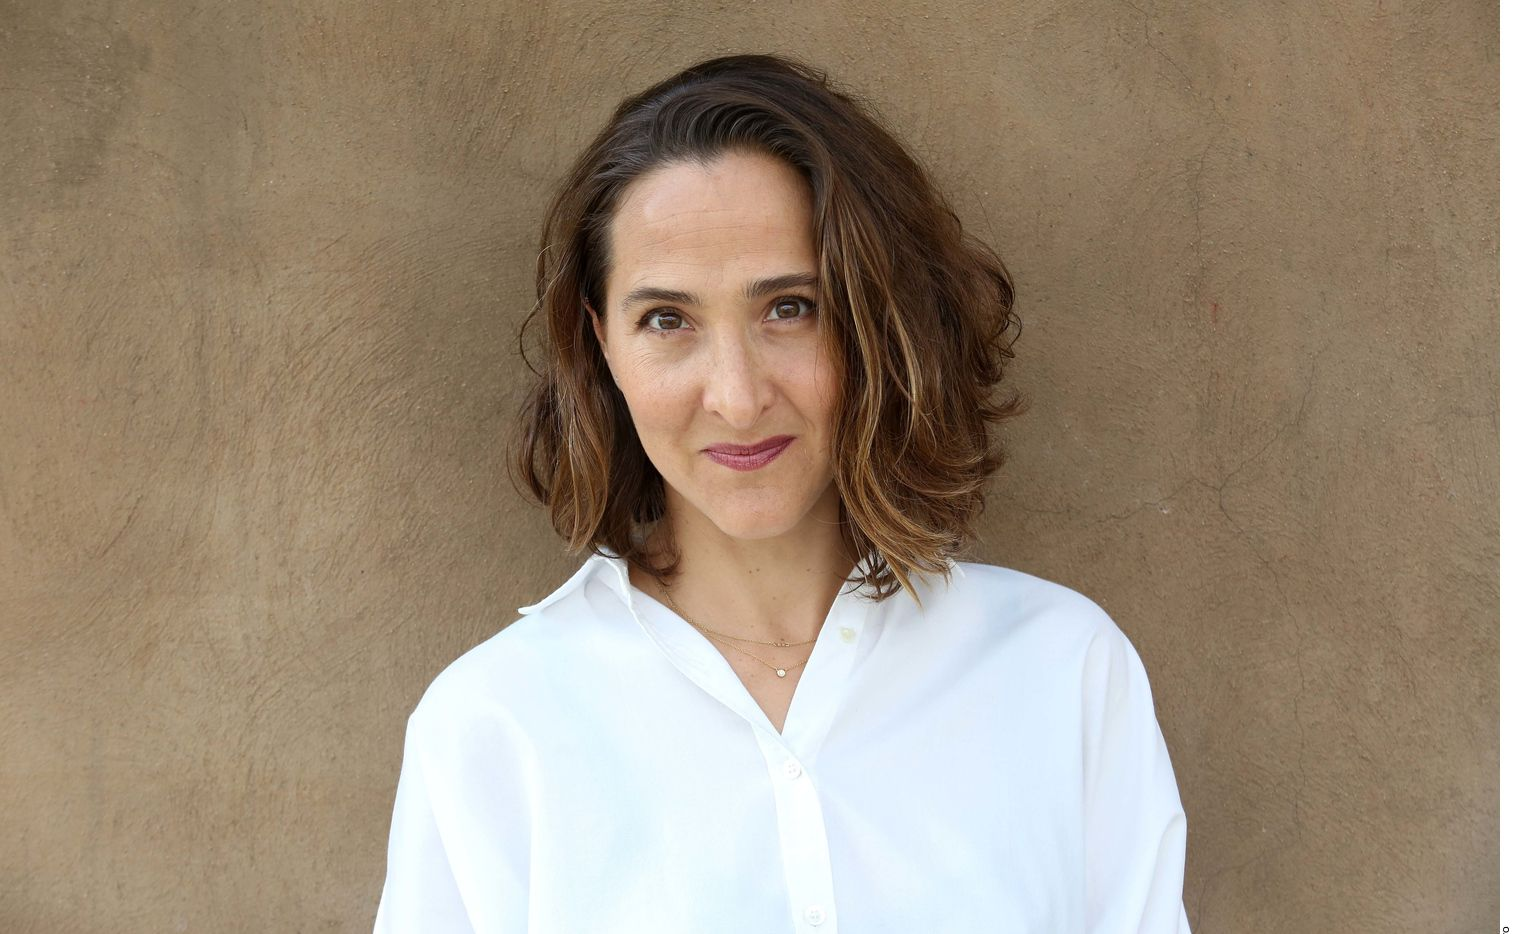 Gabriela Cámara fue incluida en la lista de las 100 personas más influyentes del año por la revista Time.